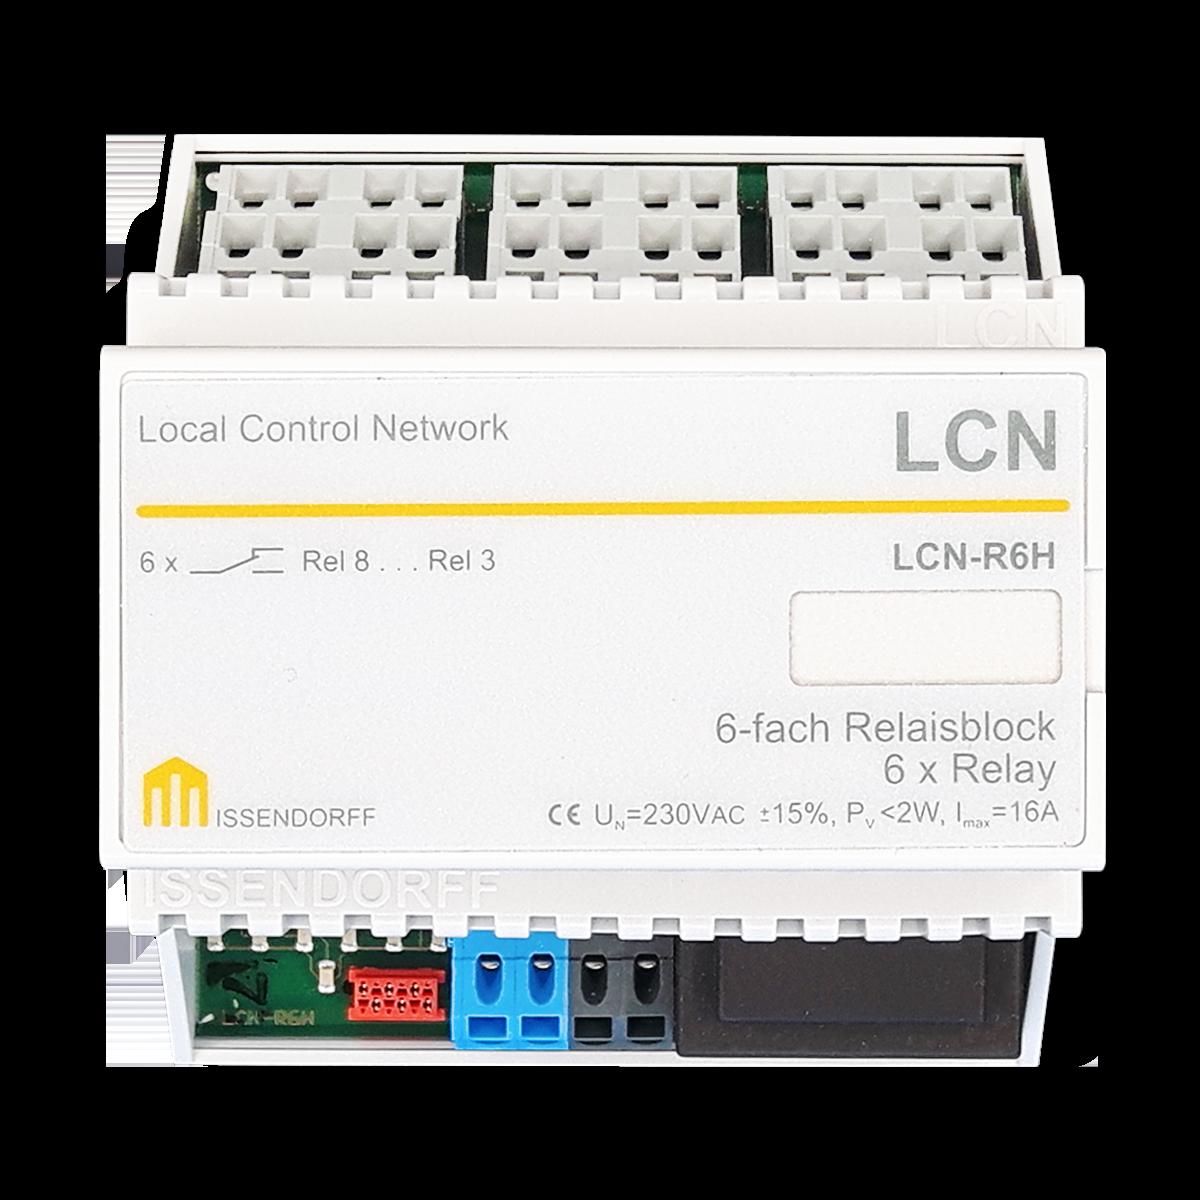 LCN-R6H